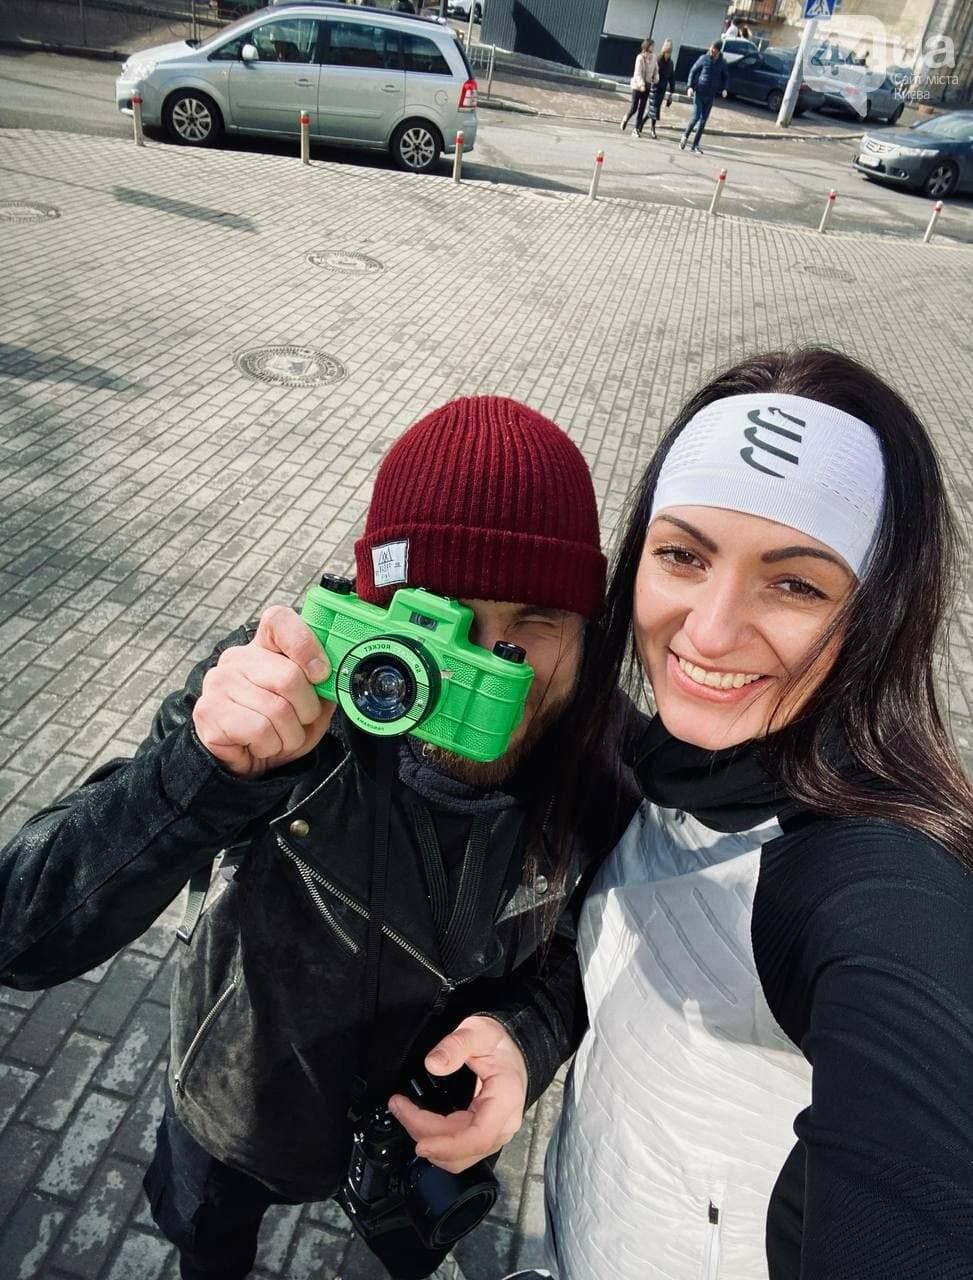 Девочки в платьях и парни в галстуках: в Киеве прошел первый весенний забег, - ФОТО, фото-11